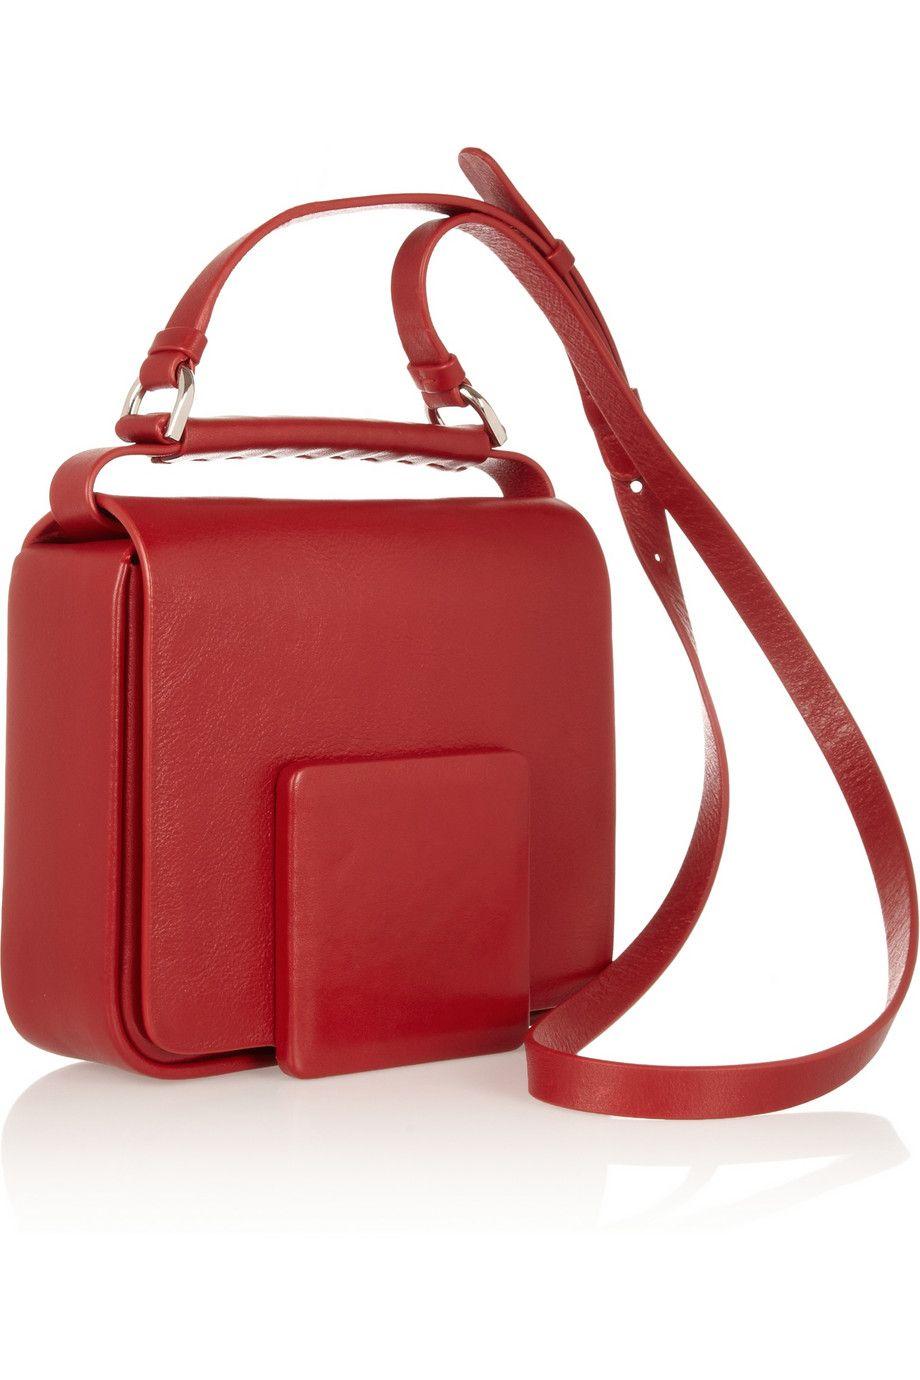 5f47b20fa7d Jil Sander | Leather shoulder bag | Bags | Bags, Leather shoulder ...